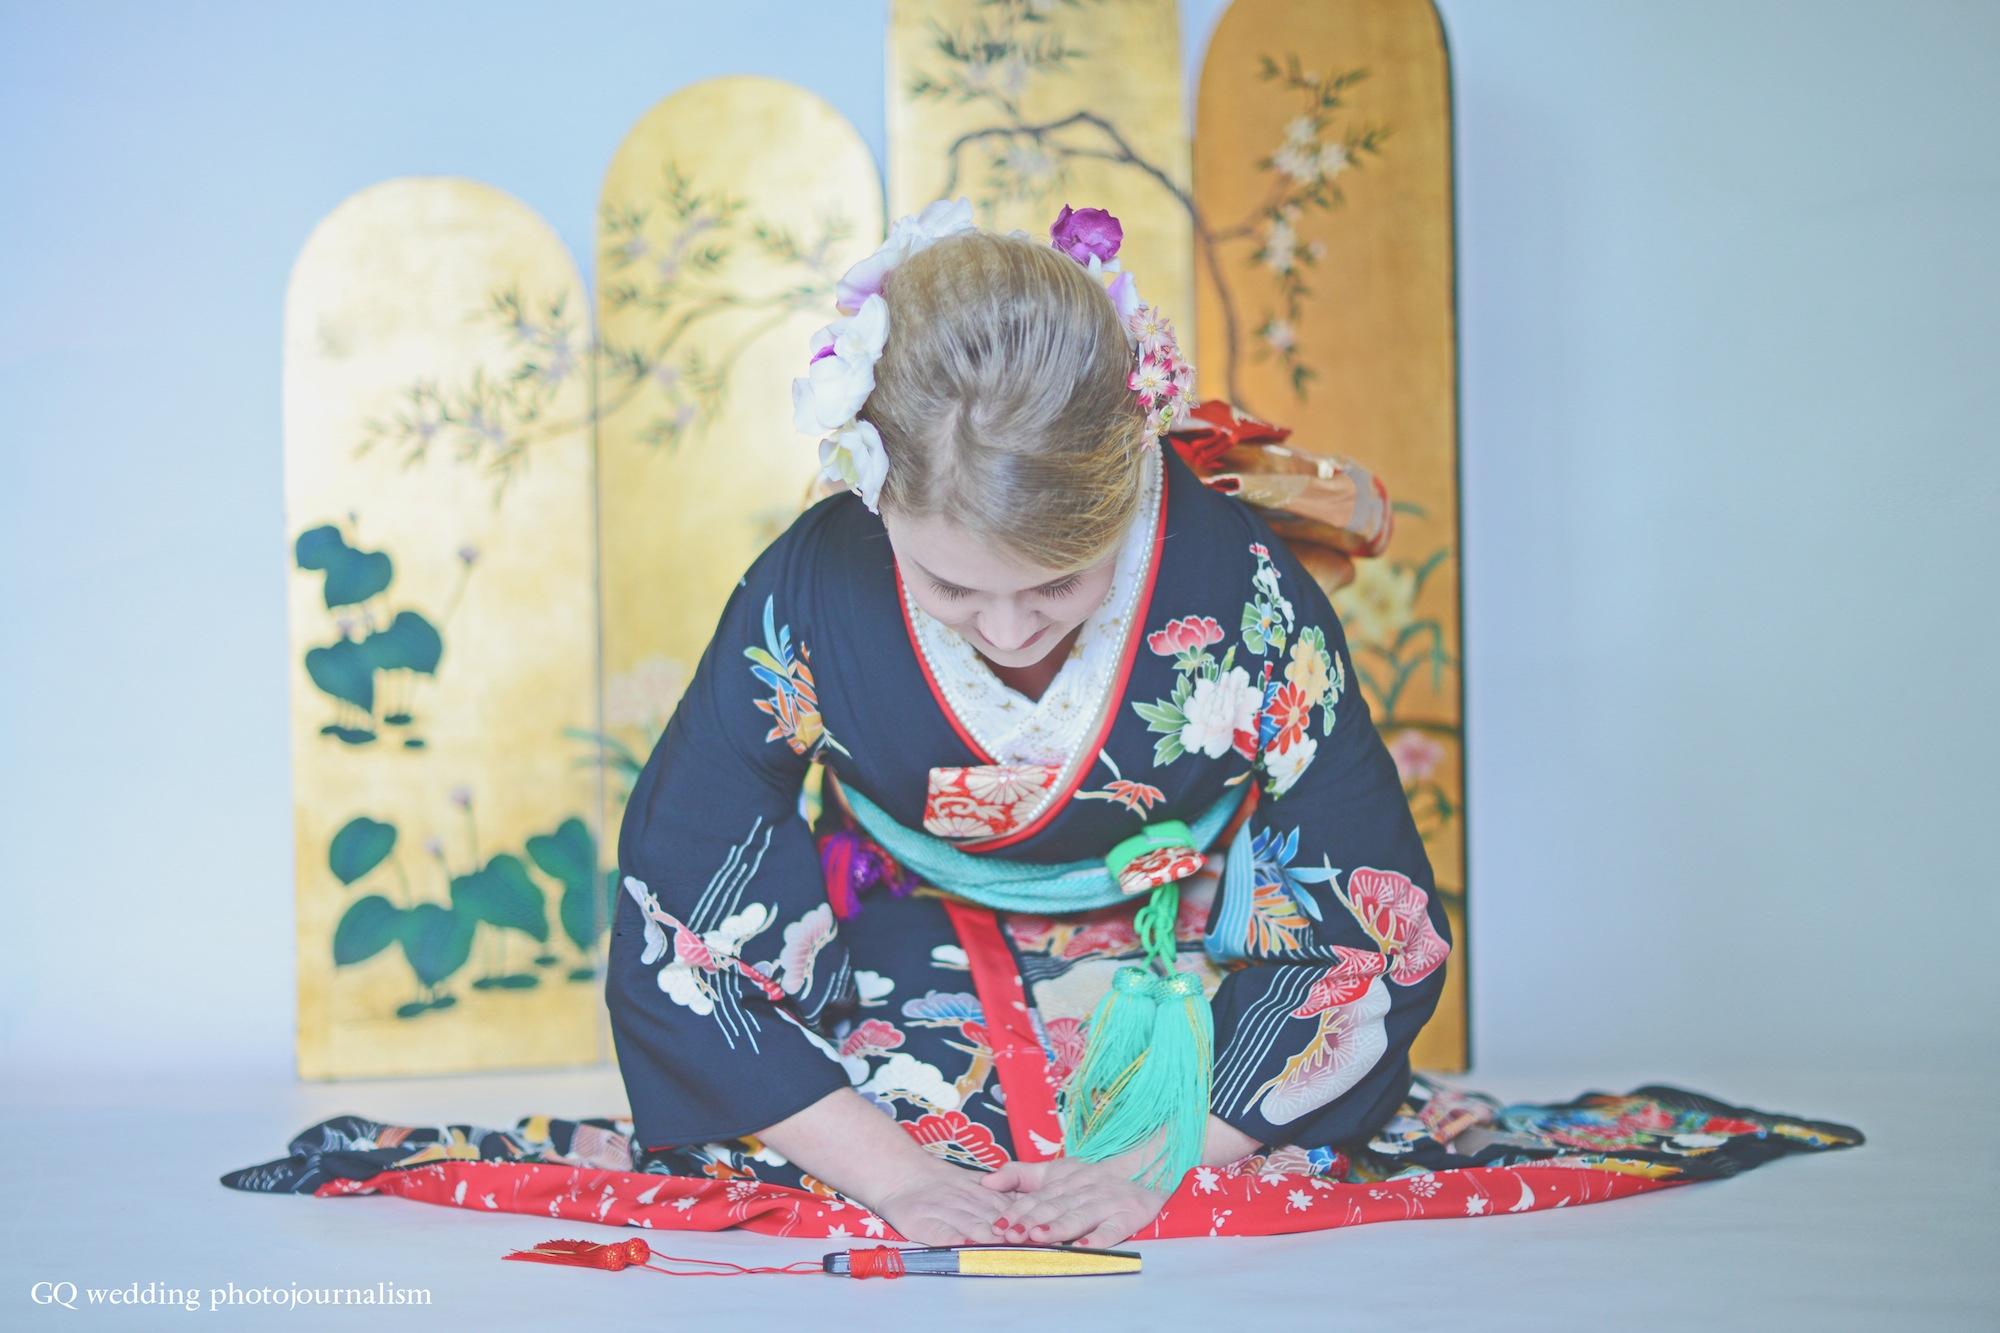 Kimono photo0004